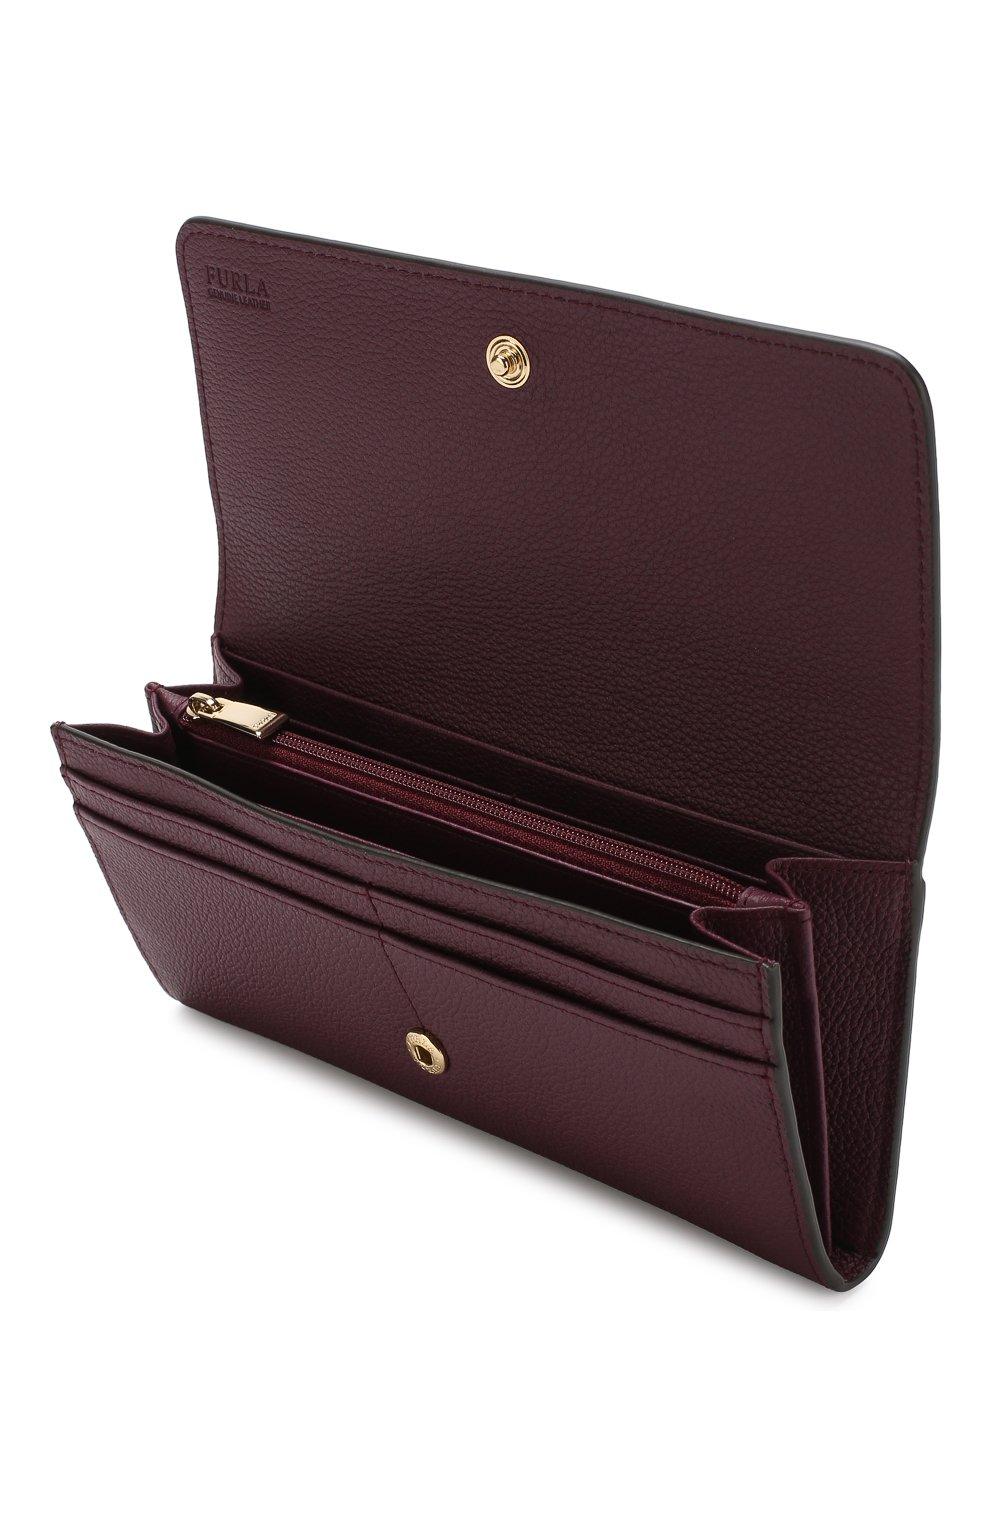 428ef987921b Женские кошельки и портмоне Furla по цене от 6 000 руб. купить в  интернет-магазине ЦУМ